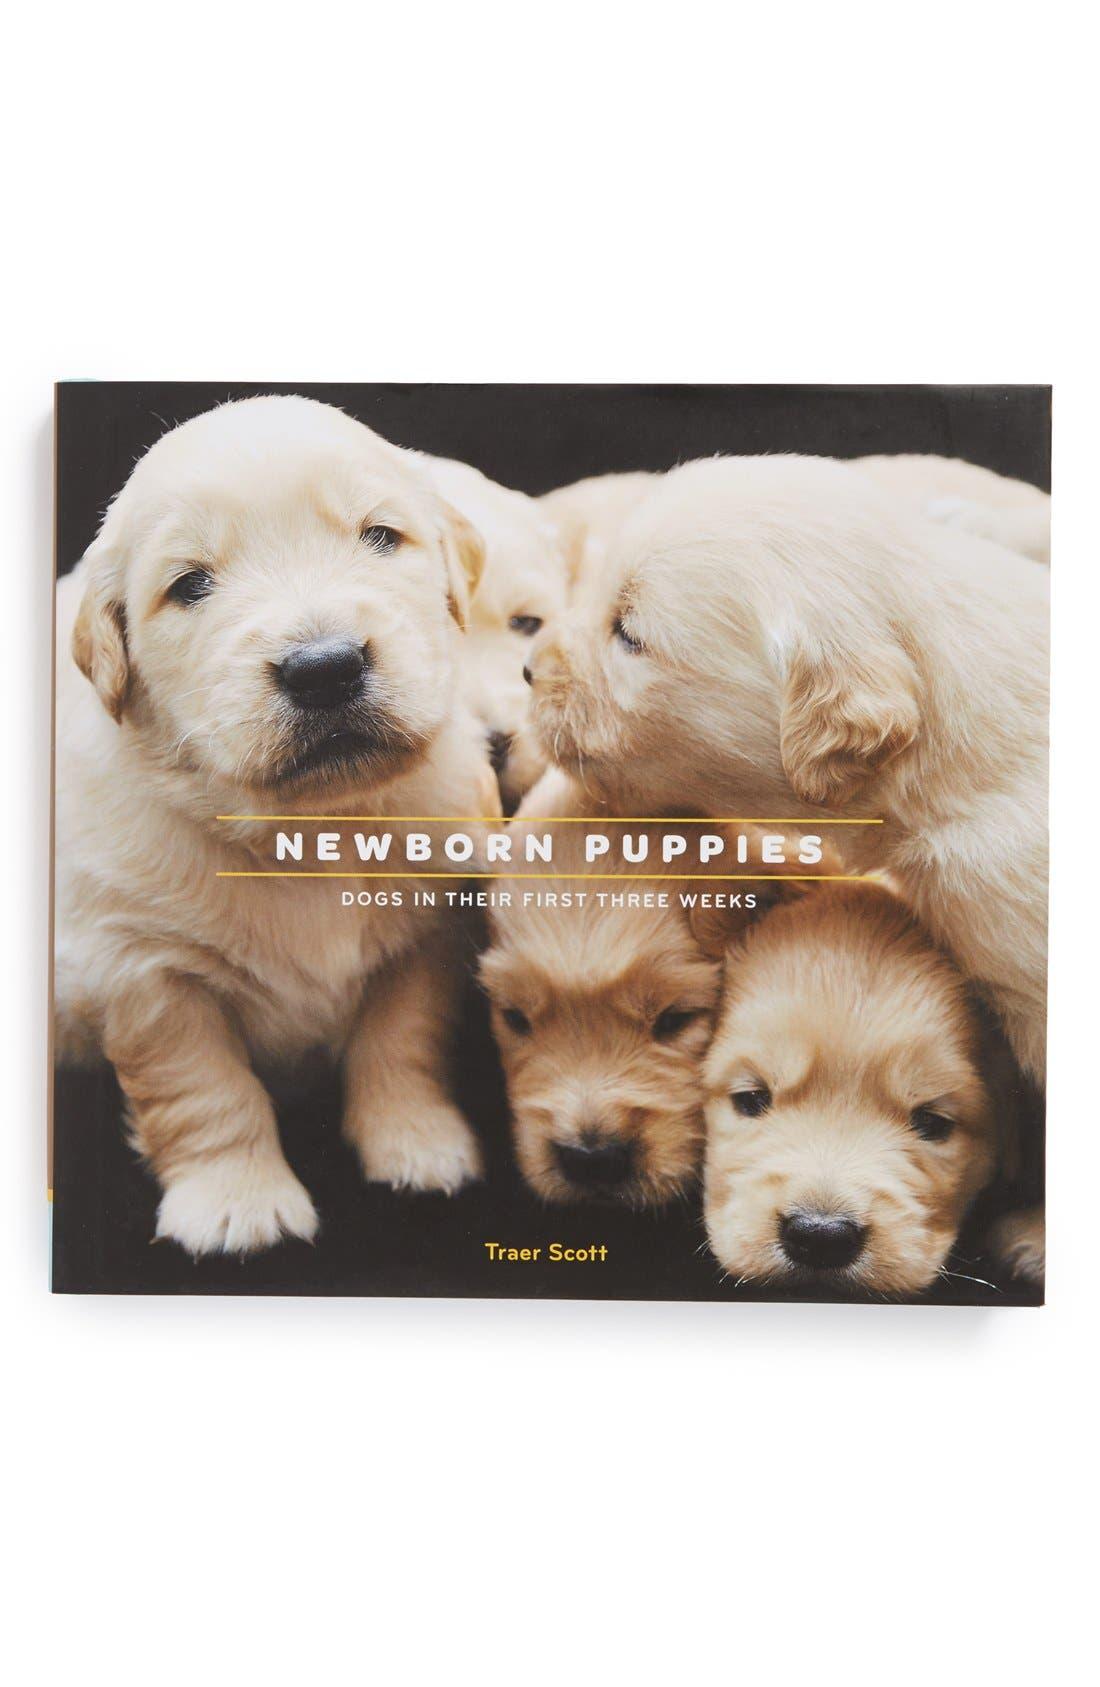 Main Image - 'Newborn Puppies' Book